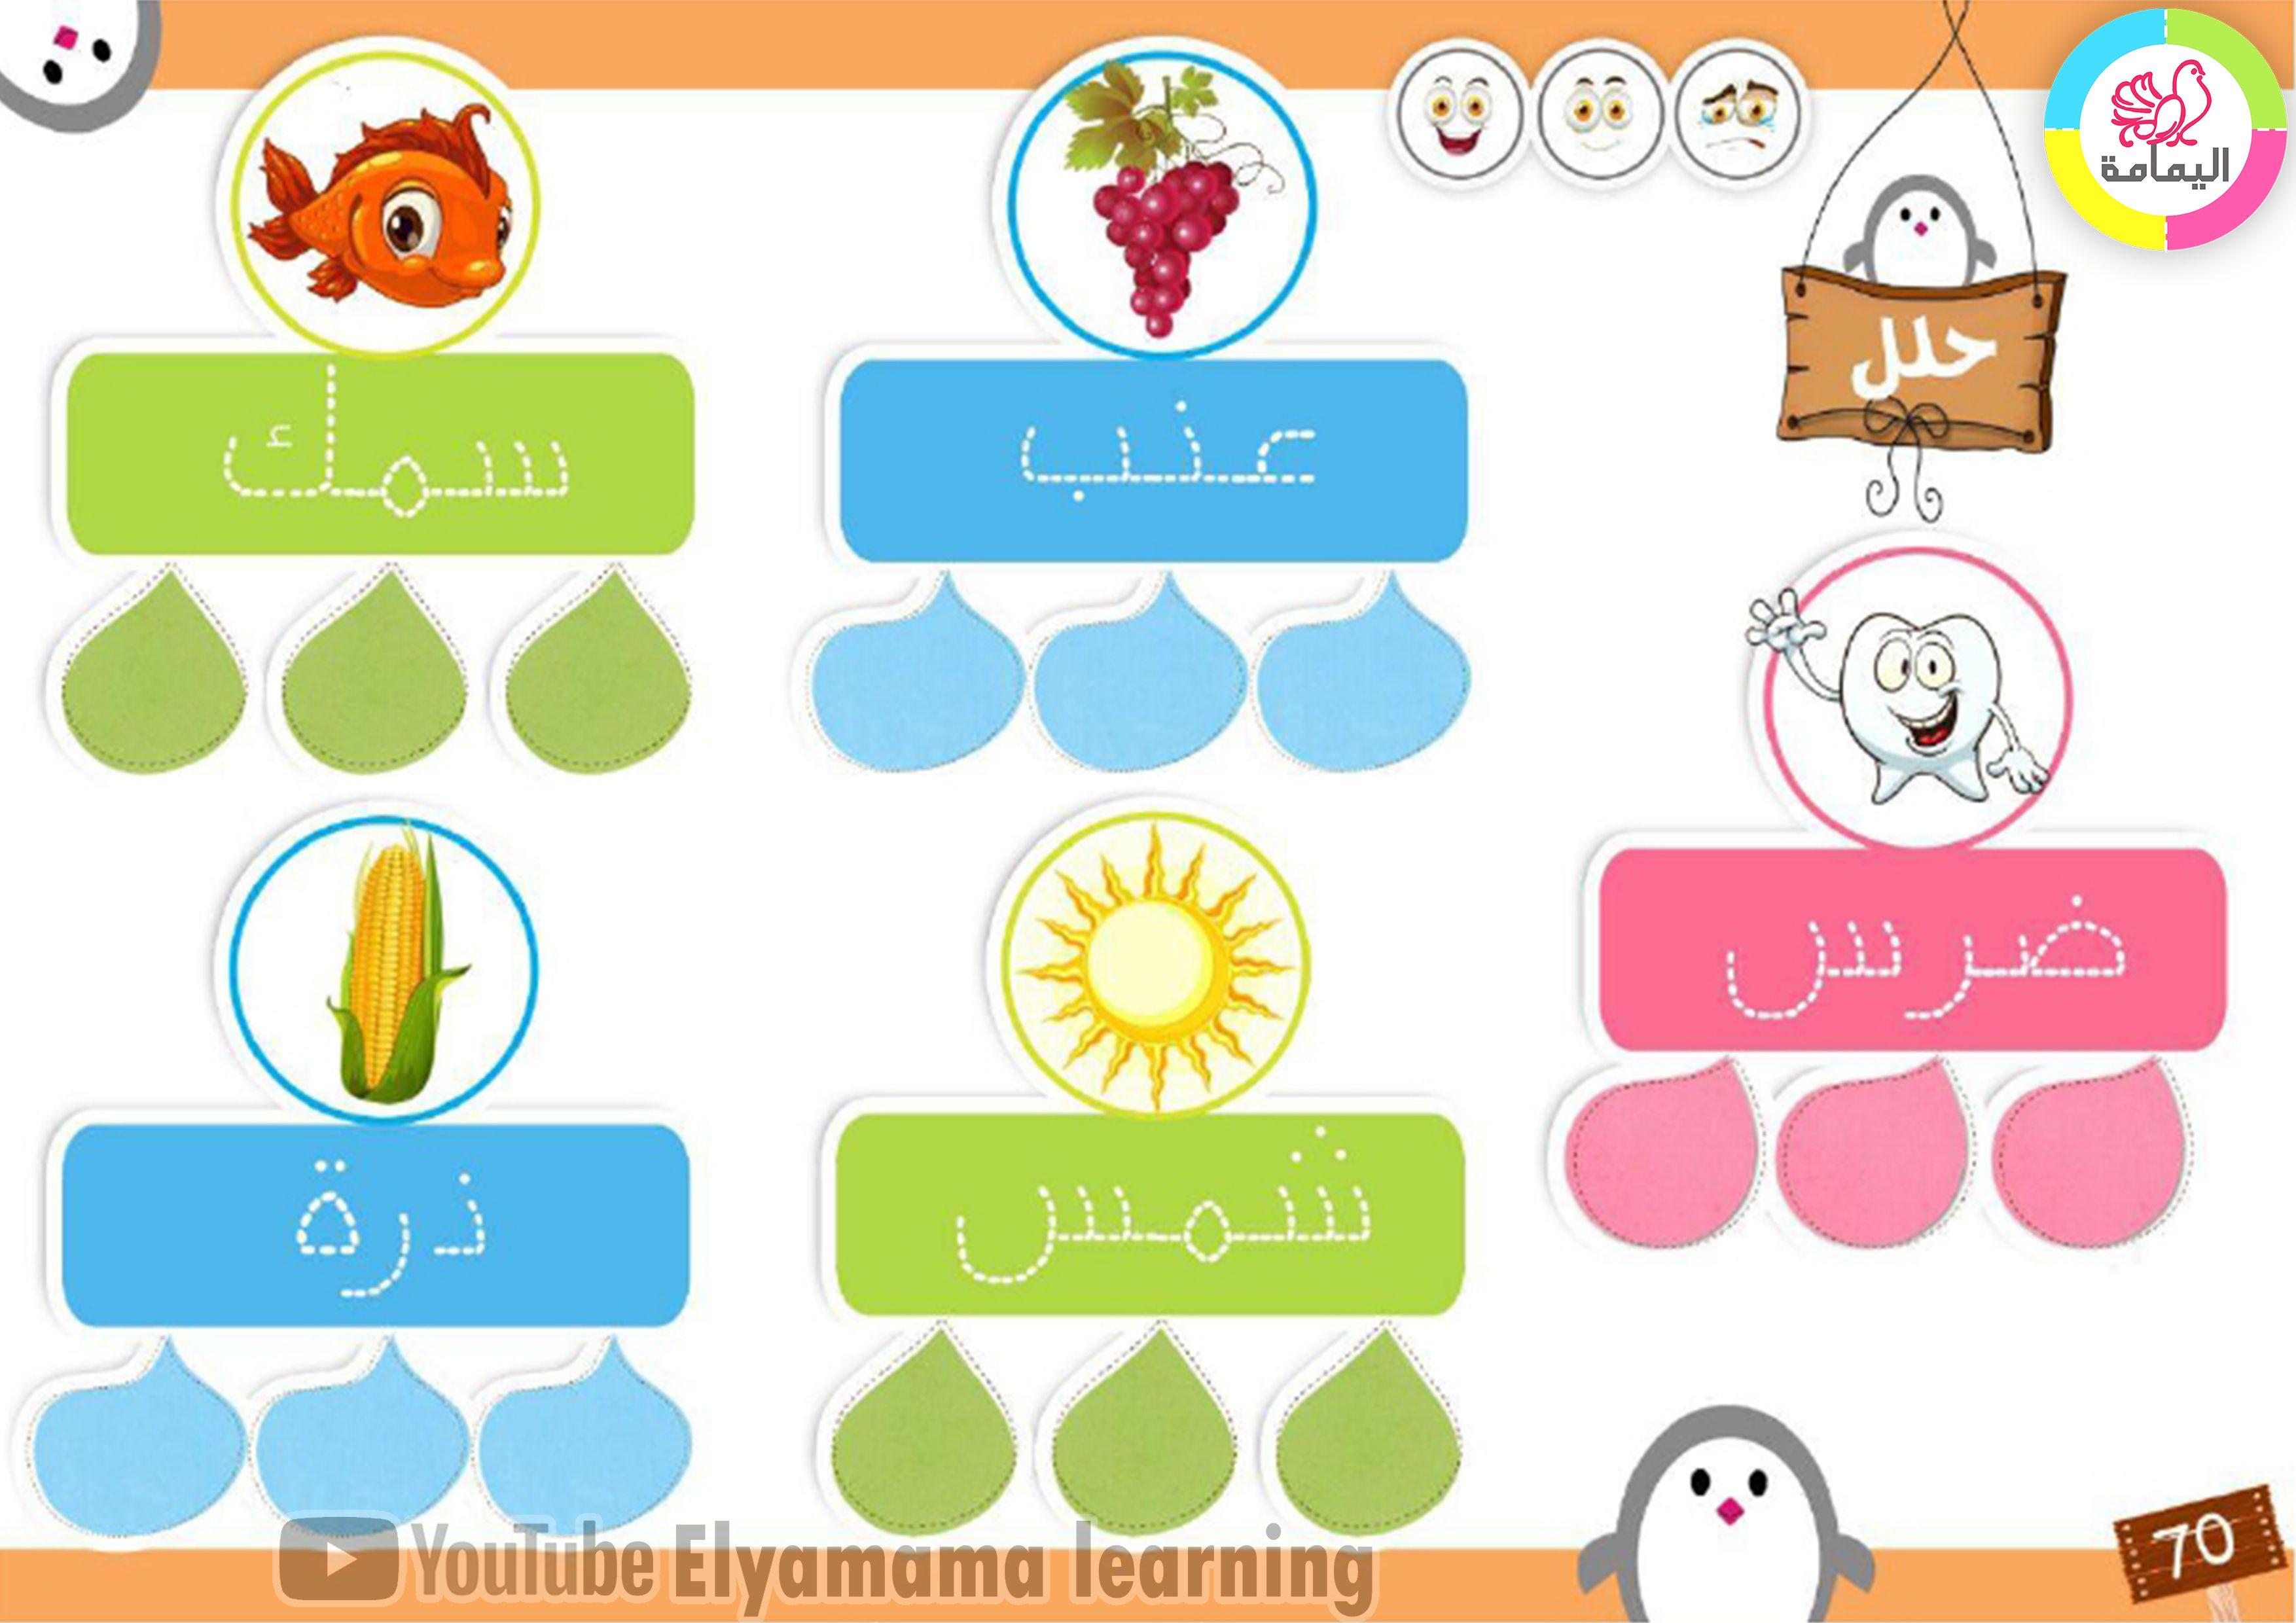 كراسة خط منقط أفكار لأنشطة رياض أطفال وسائل تعليمية من خامات البيئة الوسائل التعليمية حر Arabic Alphabet For Kids English Activities For Kids Alphabet For Kids